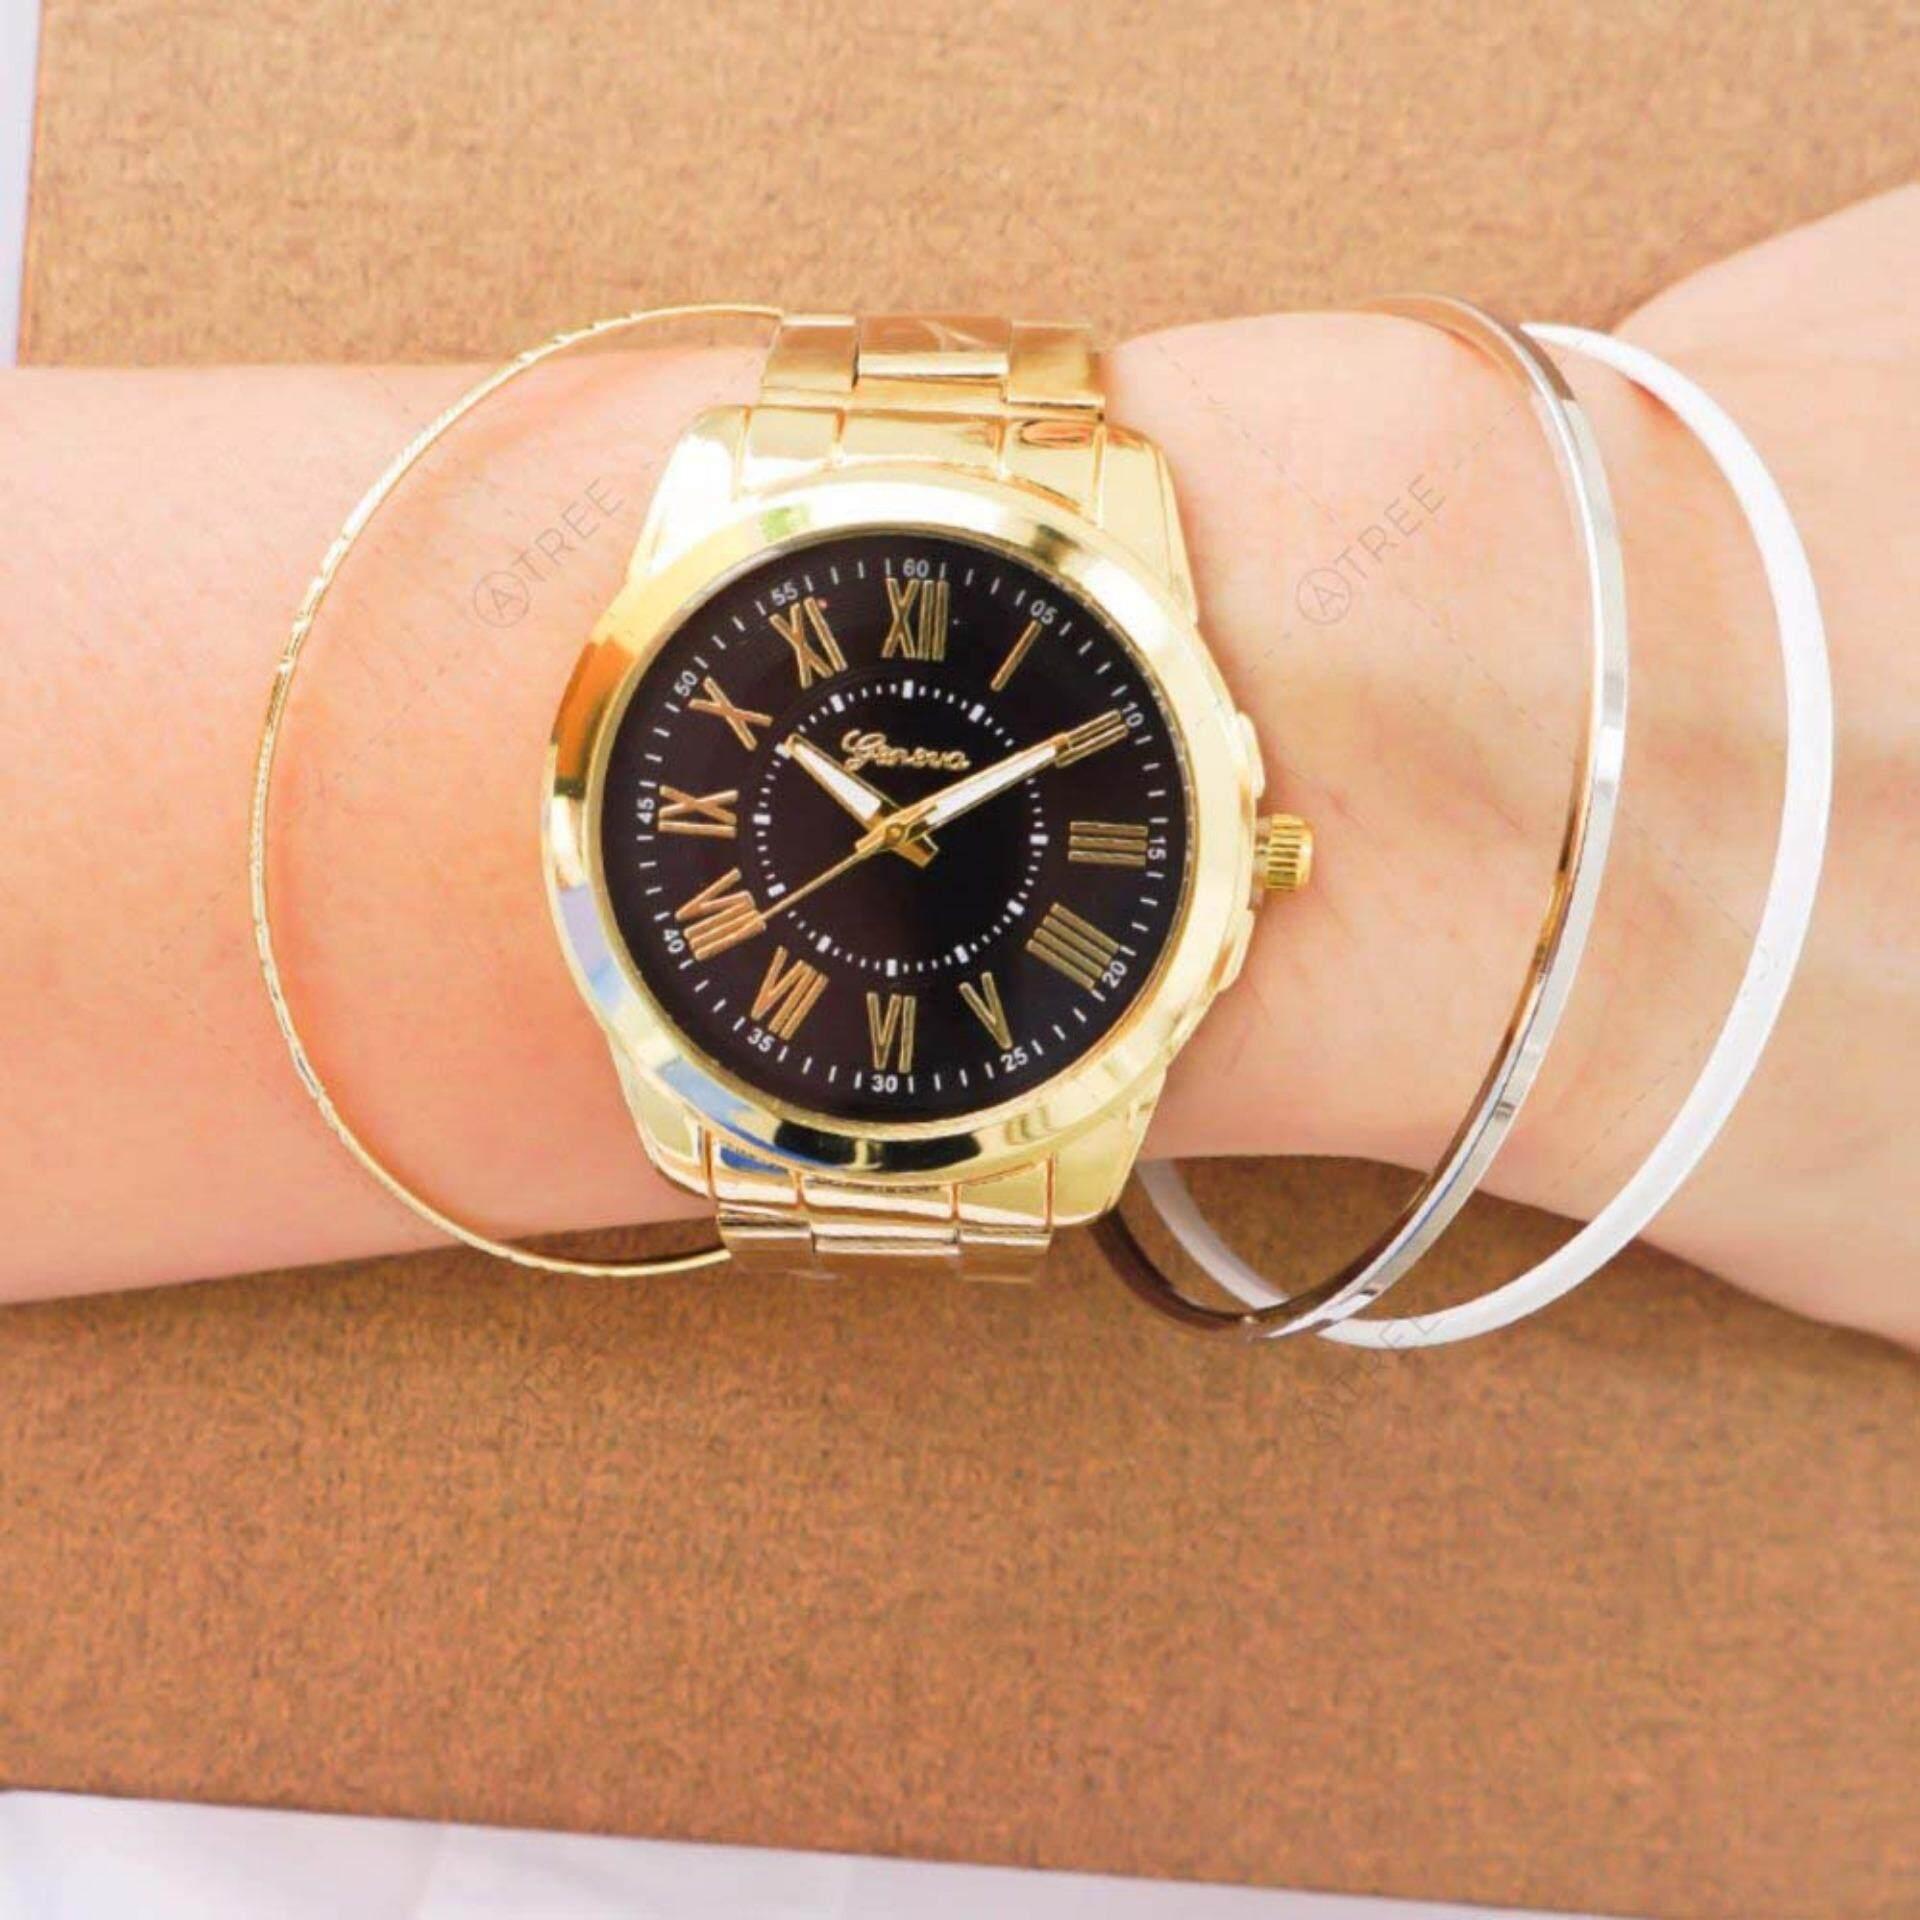 Zazzy Dolls แพ็คคู่ นาฬิกาพร้อมกำไลข้อมือ ซื้อ 1 แถม 1 รุ่น Zd 0114 4 สีสุดน่ารักฟรีกำไลข้อมือ สไตล์เกาหลี คละแบบ กรุงเทพมหานคร